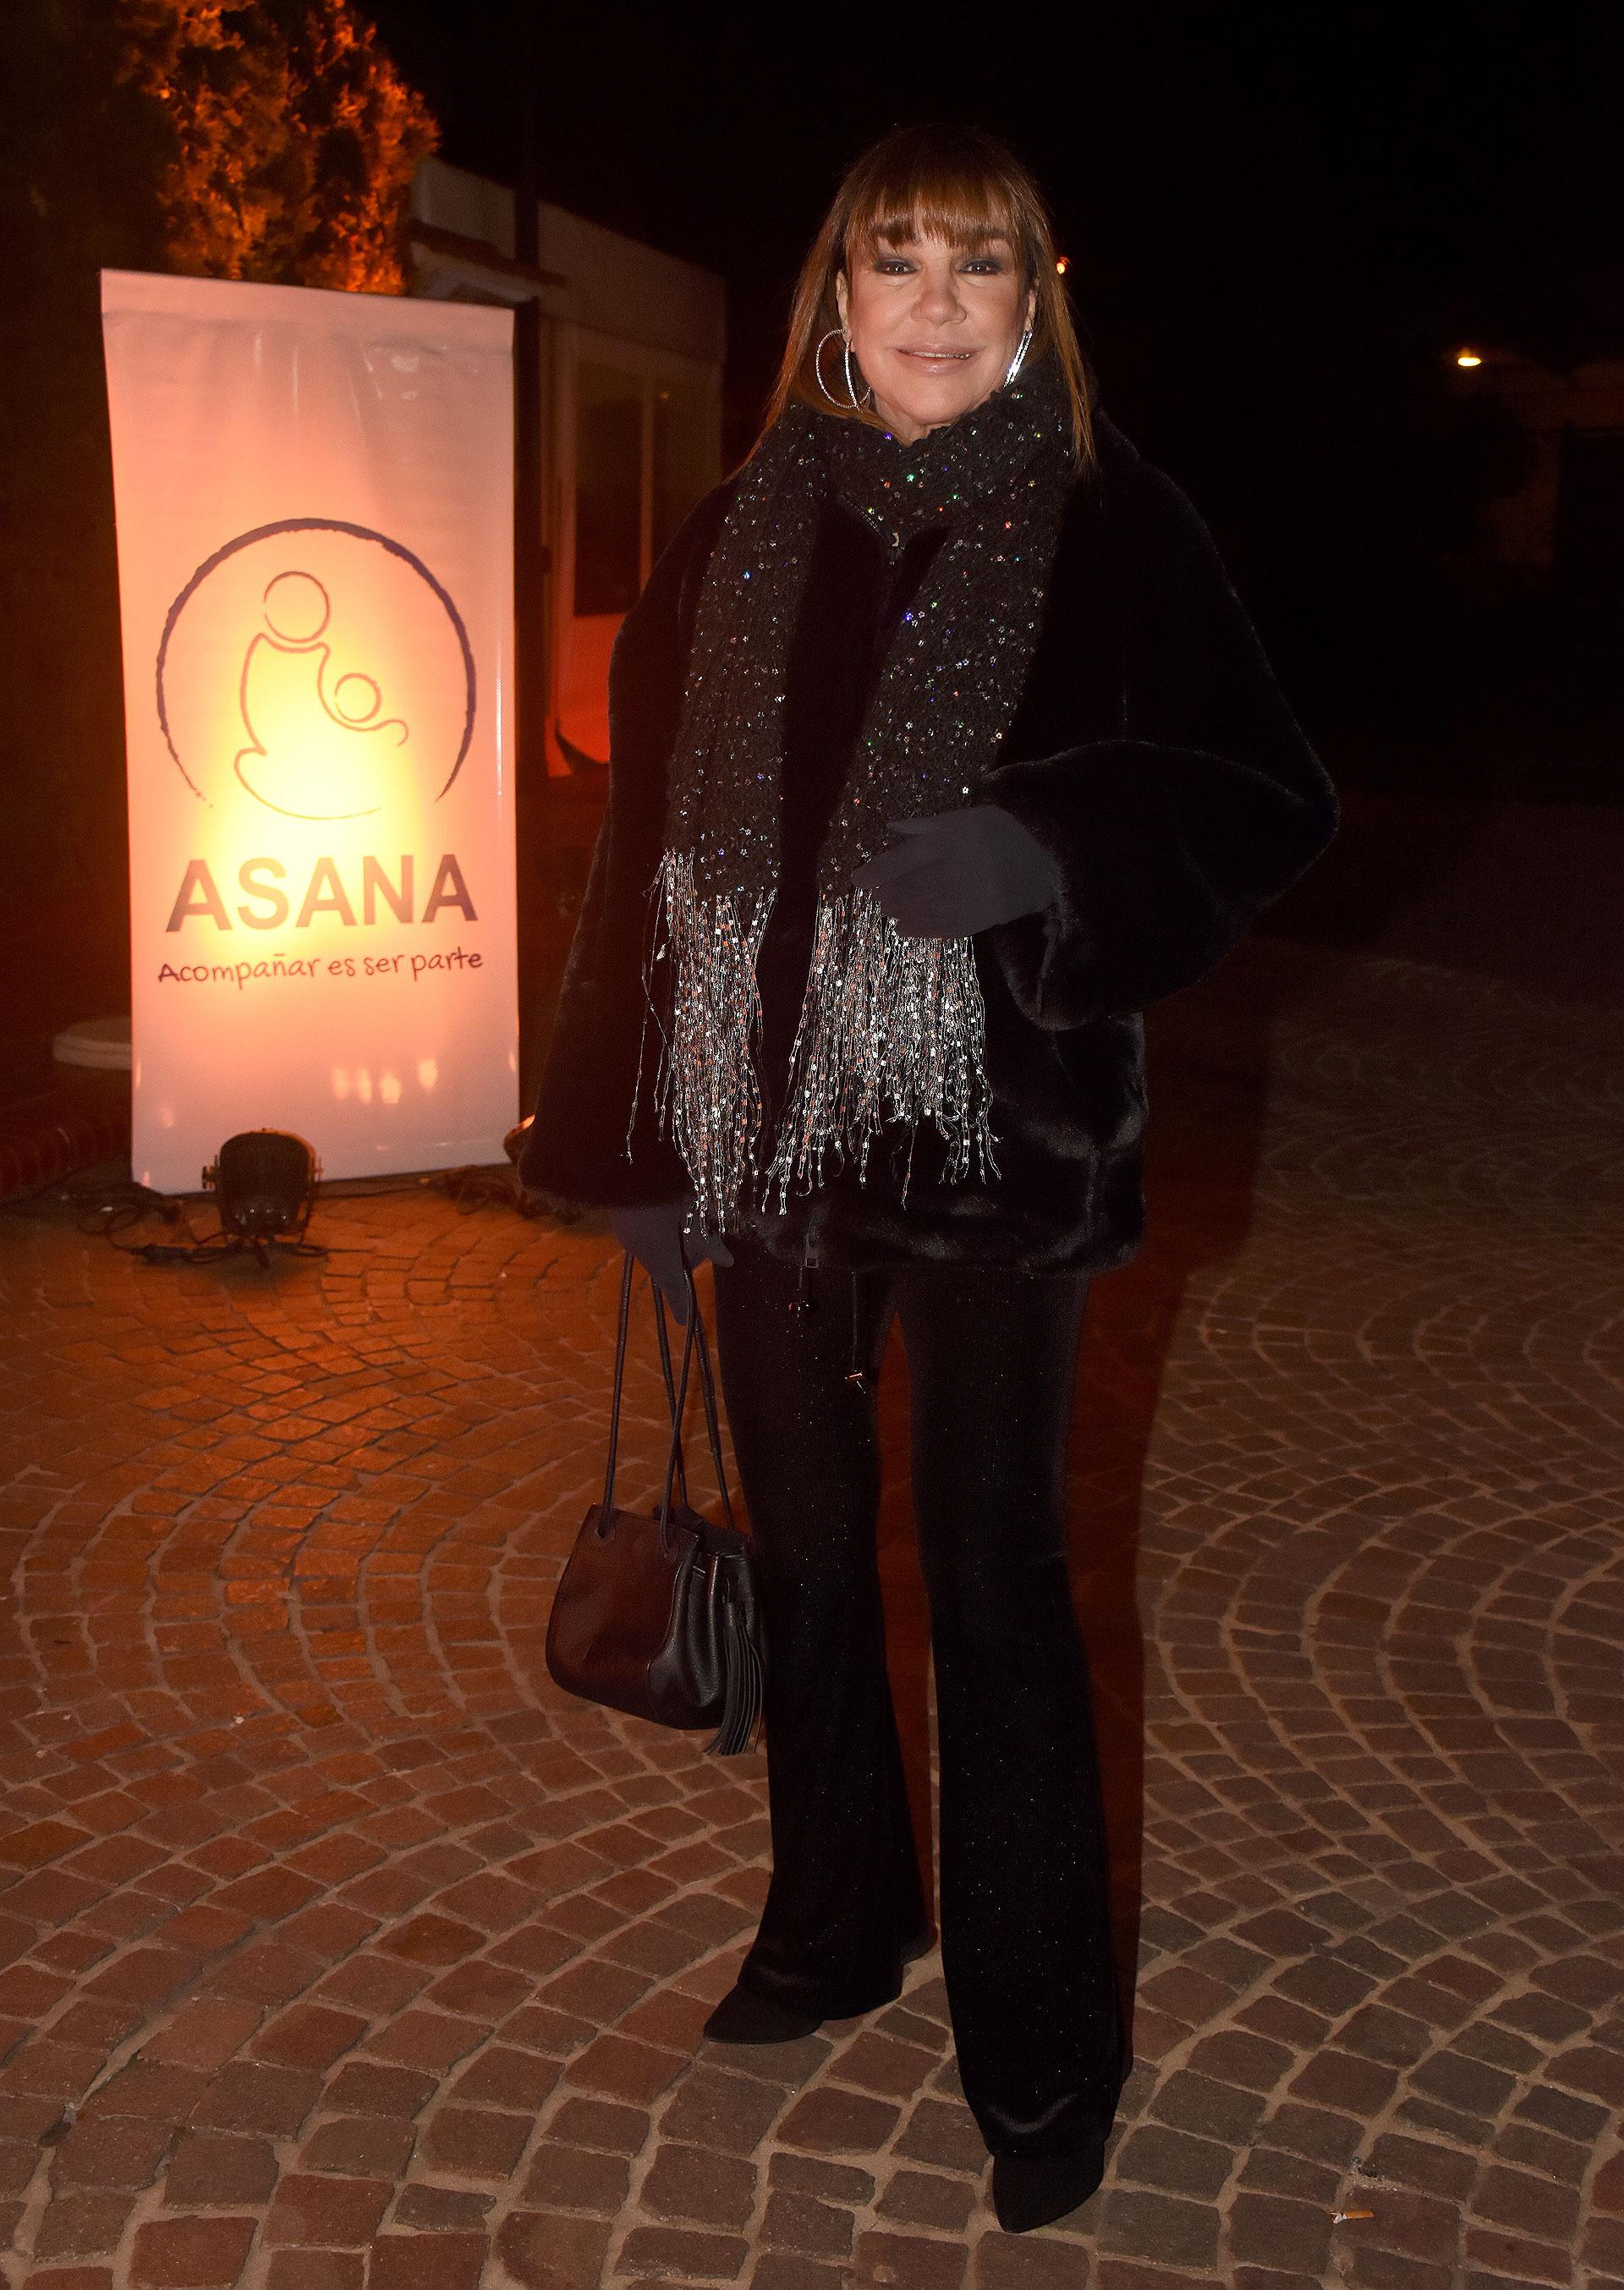 La ex modelo, actriz y conductora televisiva Mora Furtado